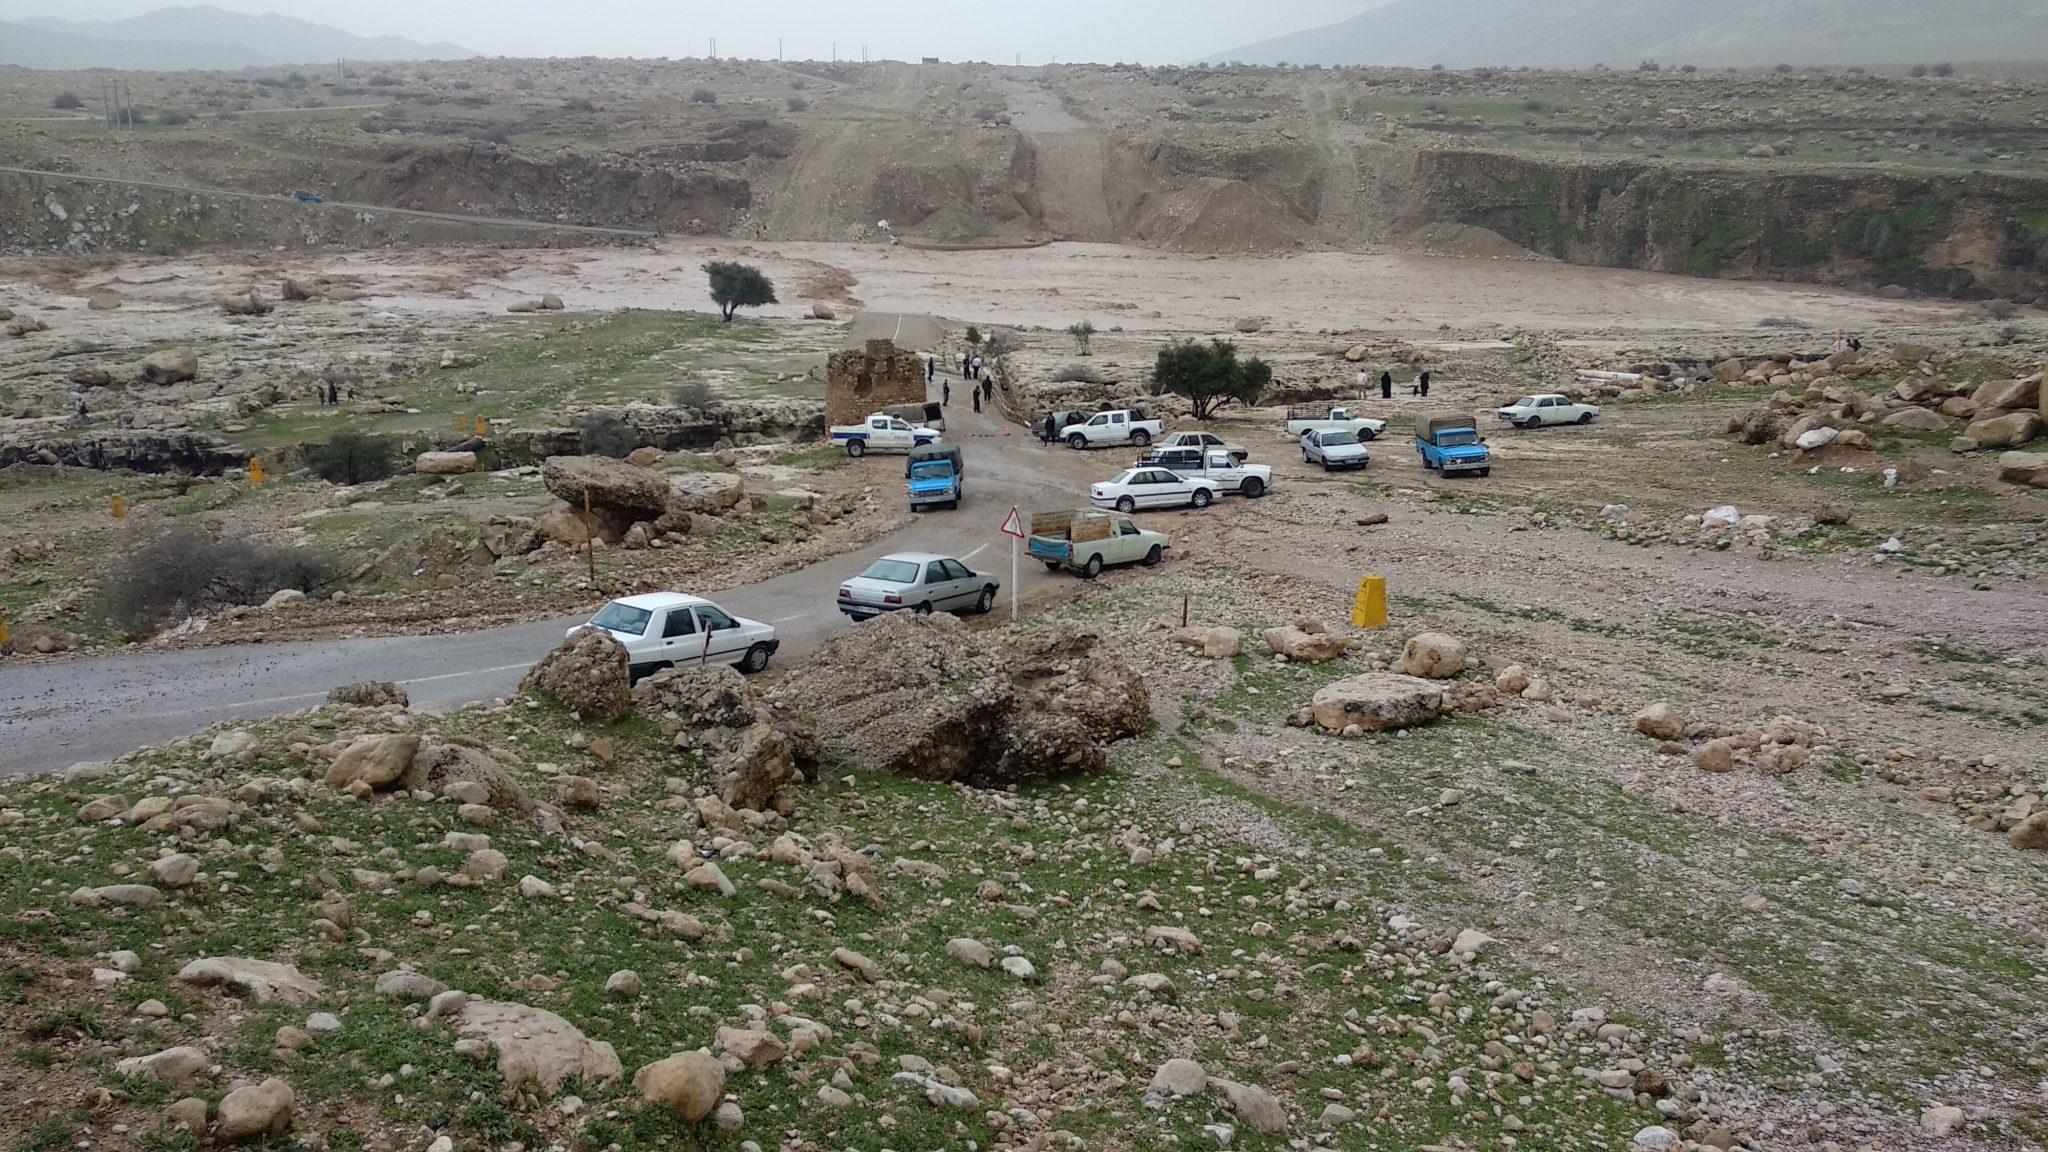 طغیان رودخانه سیمره در پاعلم بر اثر سیل در شهرستان پلدختر